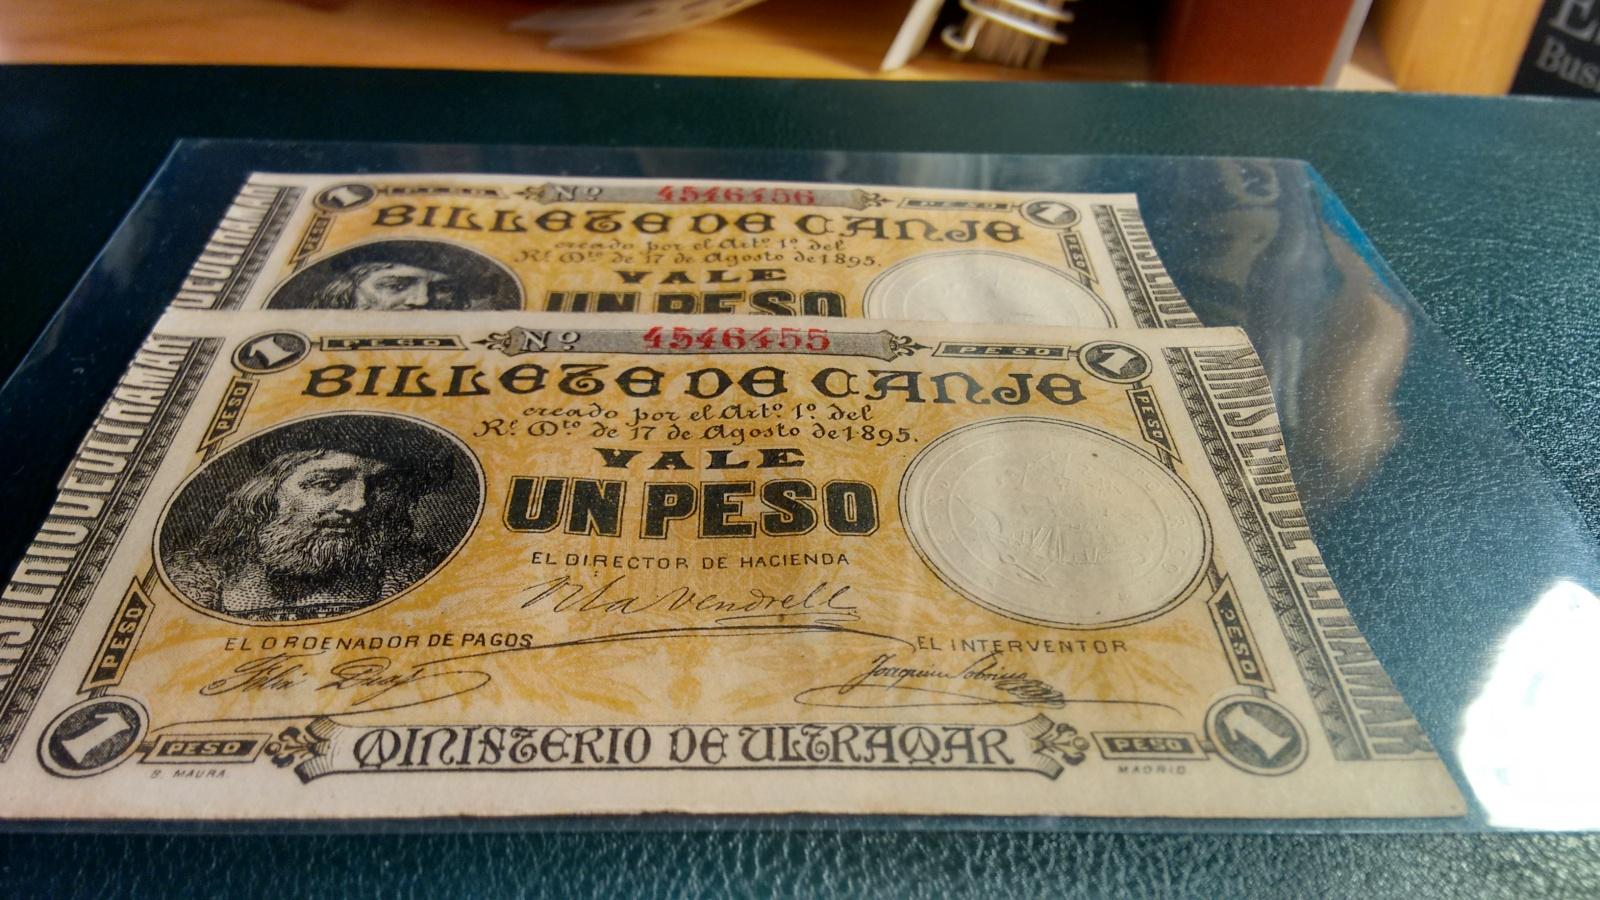 1 Peso 1895 Ultramar PUERTO RICO - Pareja correlativa - Ponce de León 33jtfzo